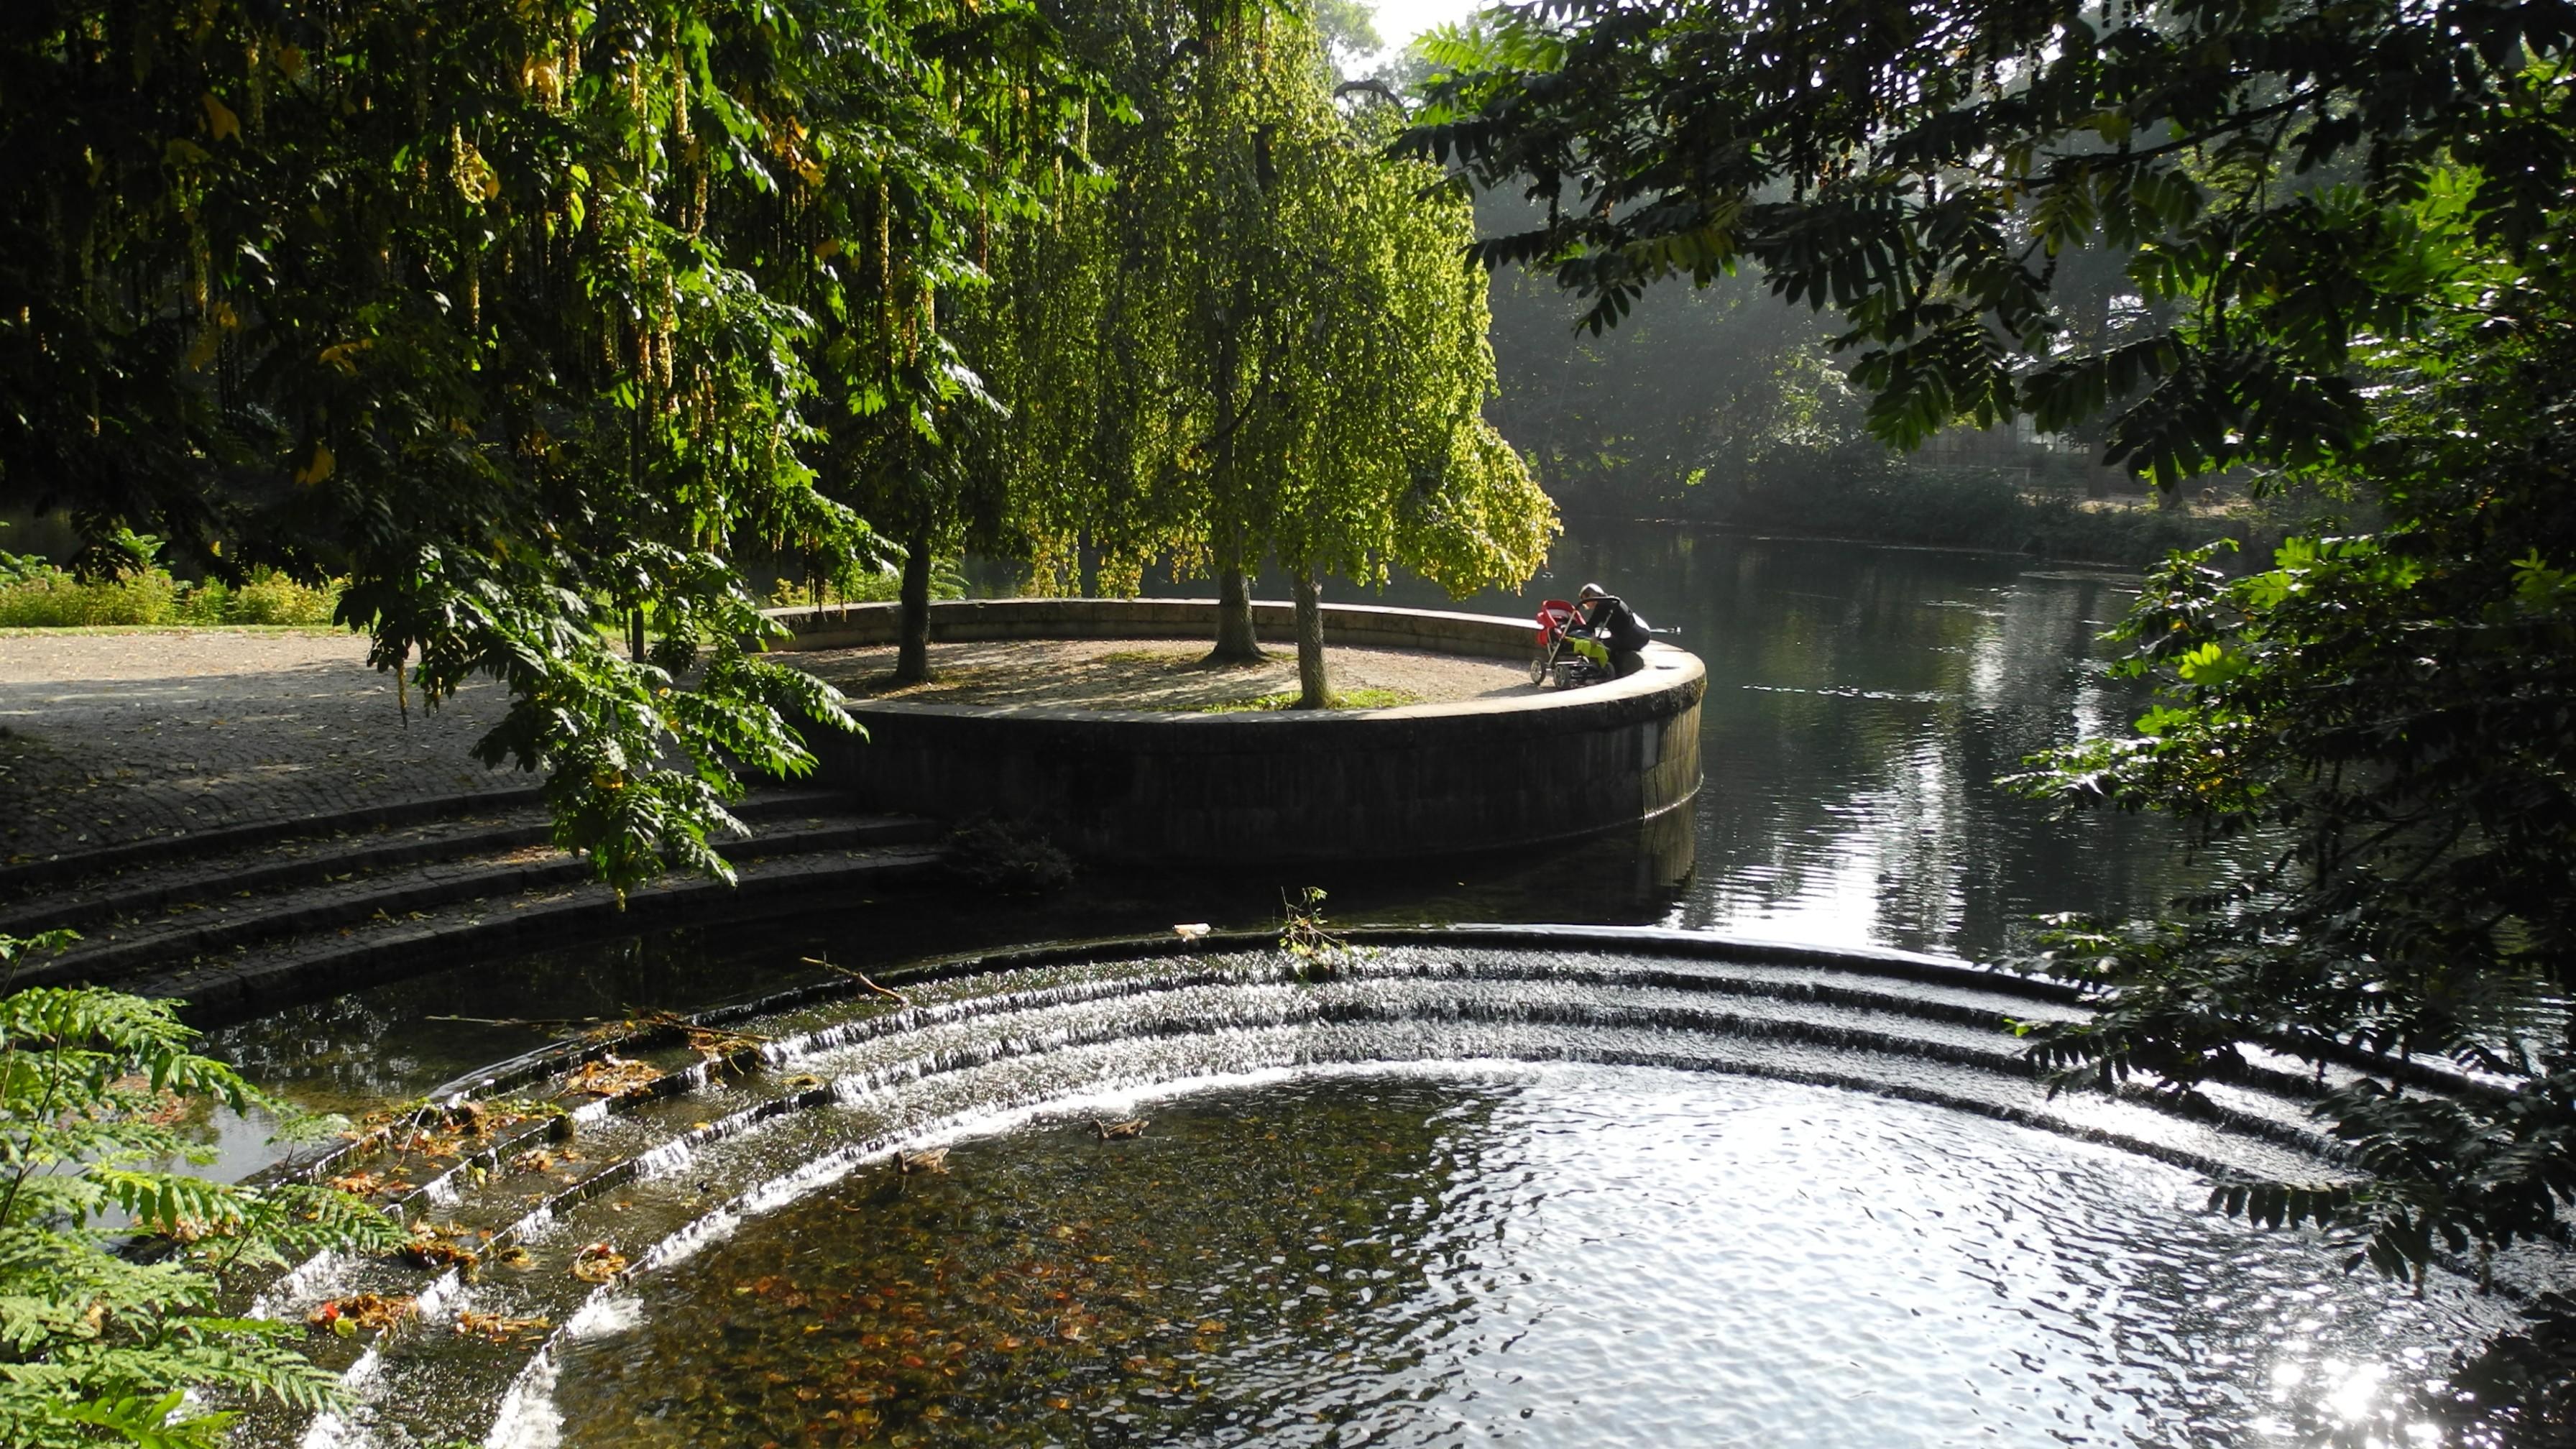 File:Ulm - Friedrichsau, Wasserspiele.jpg - Wikimedia Commons